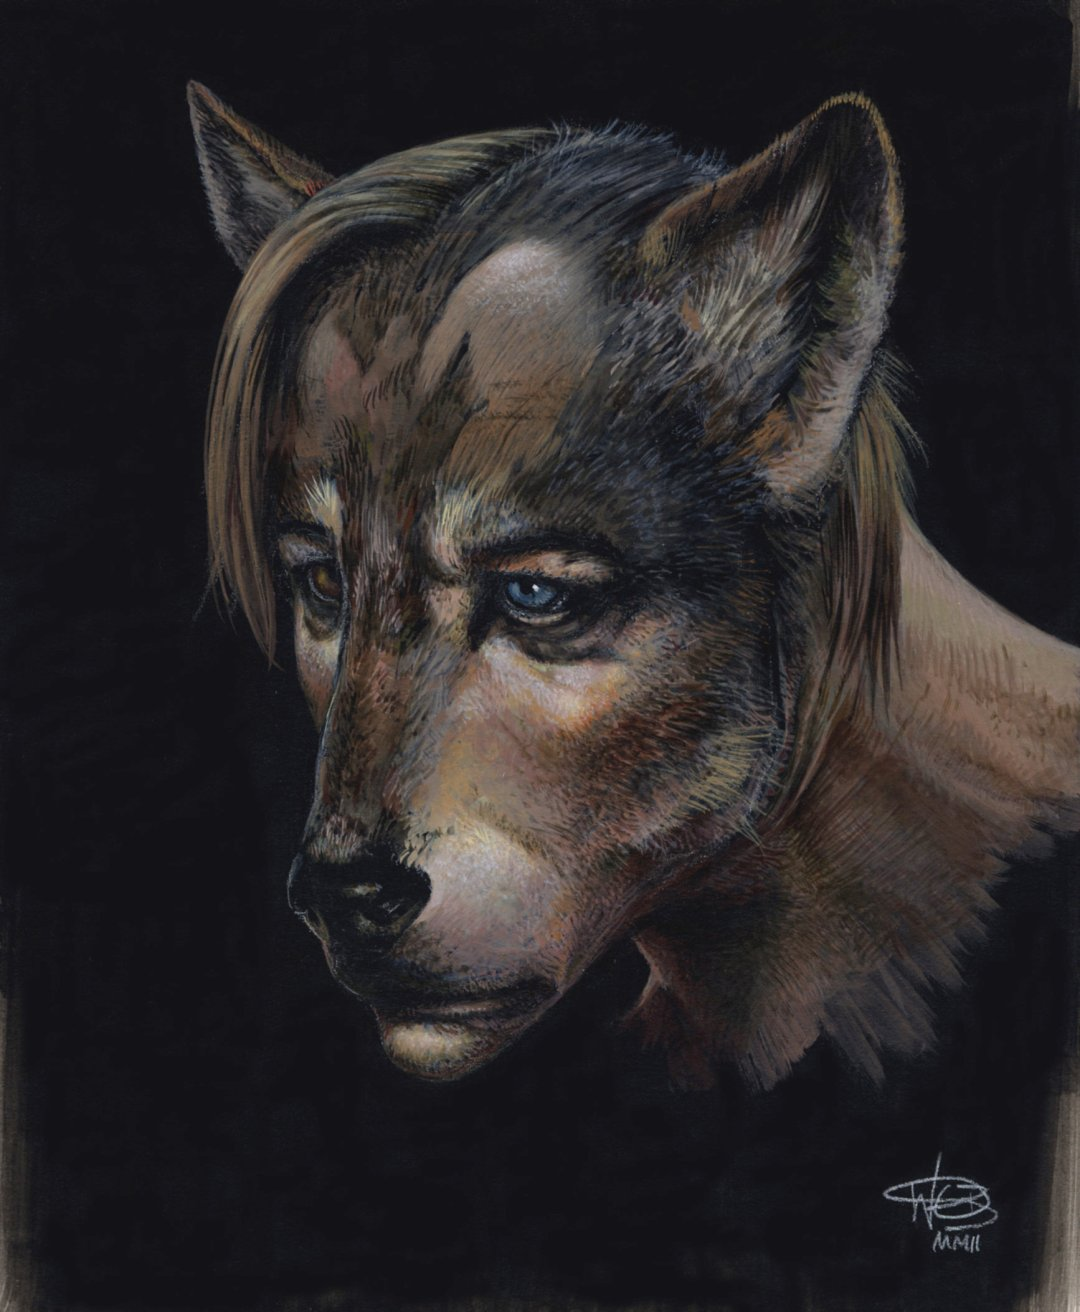 Lupin as a werewolf